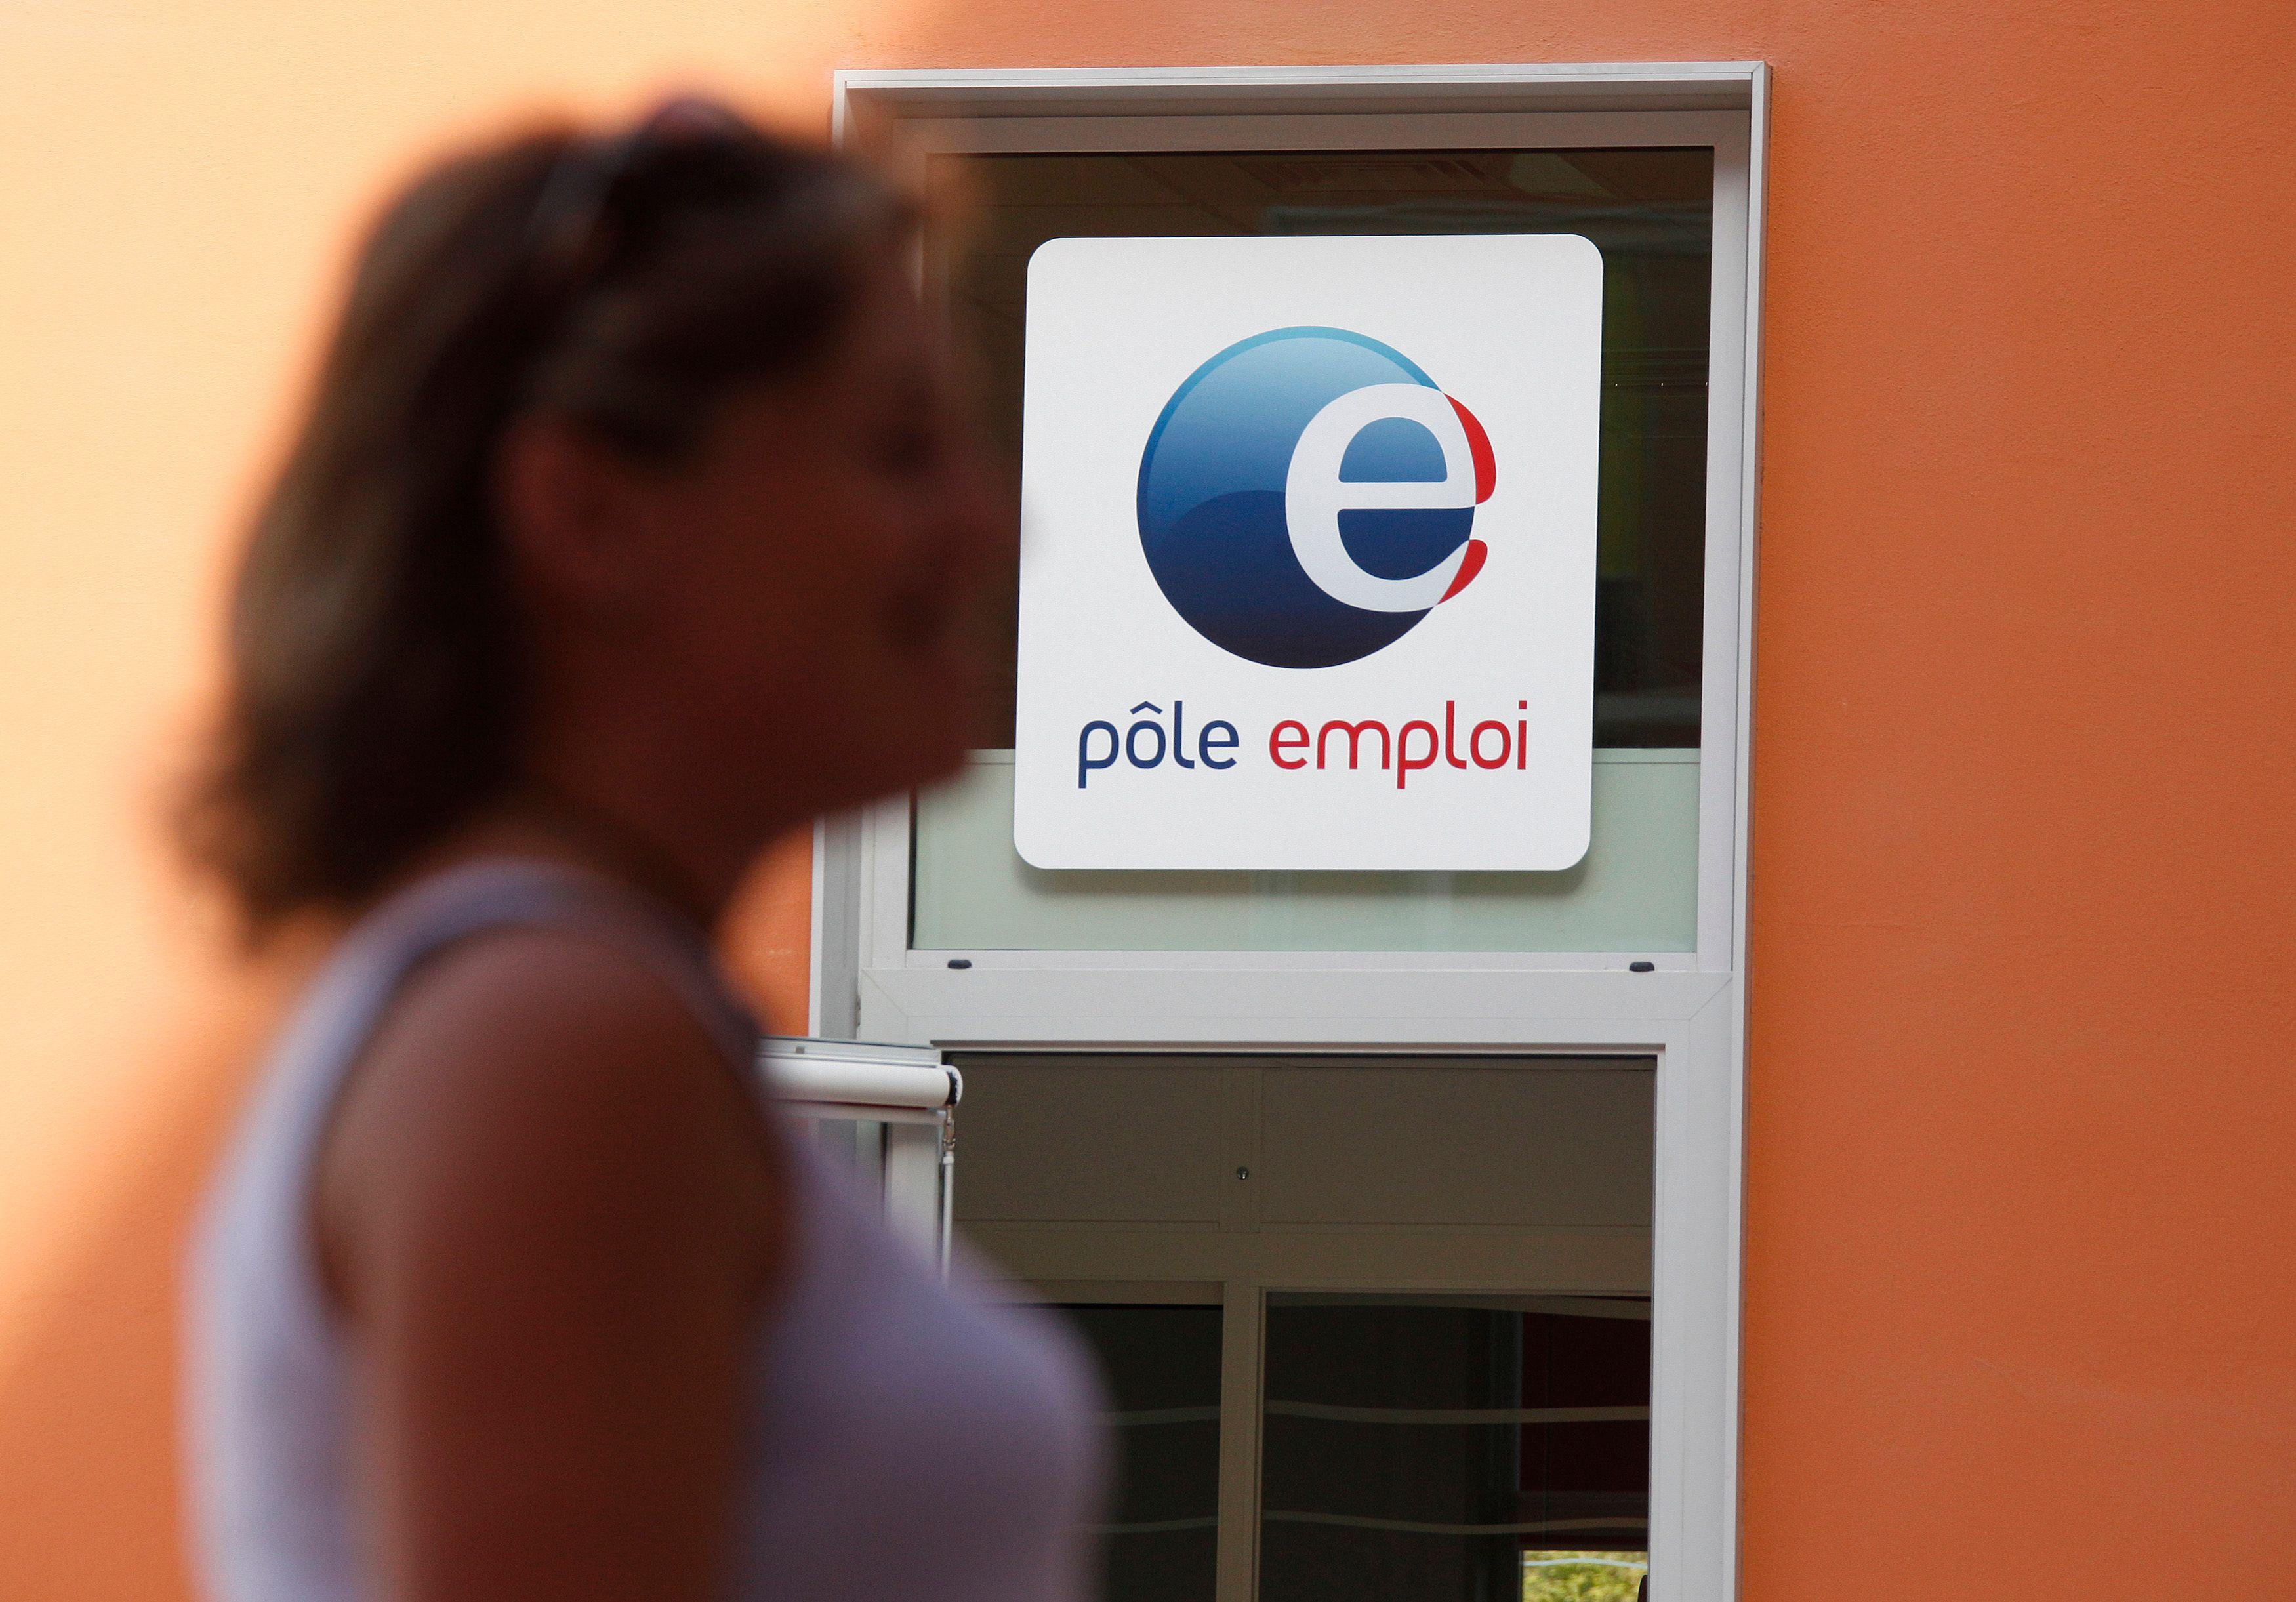 Chômage : les 9 mesures qui ont aggravé le problème depuis 2 ans